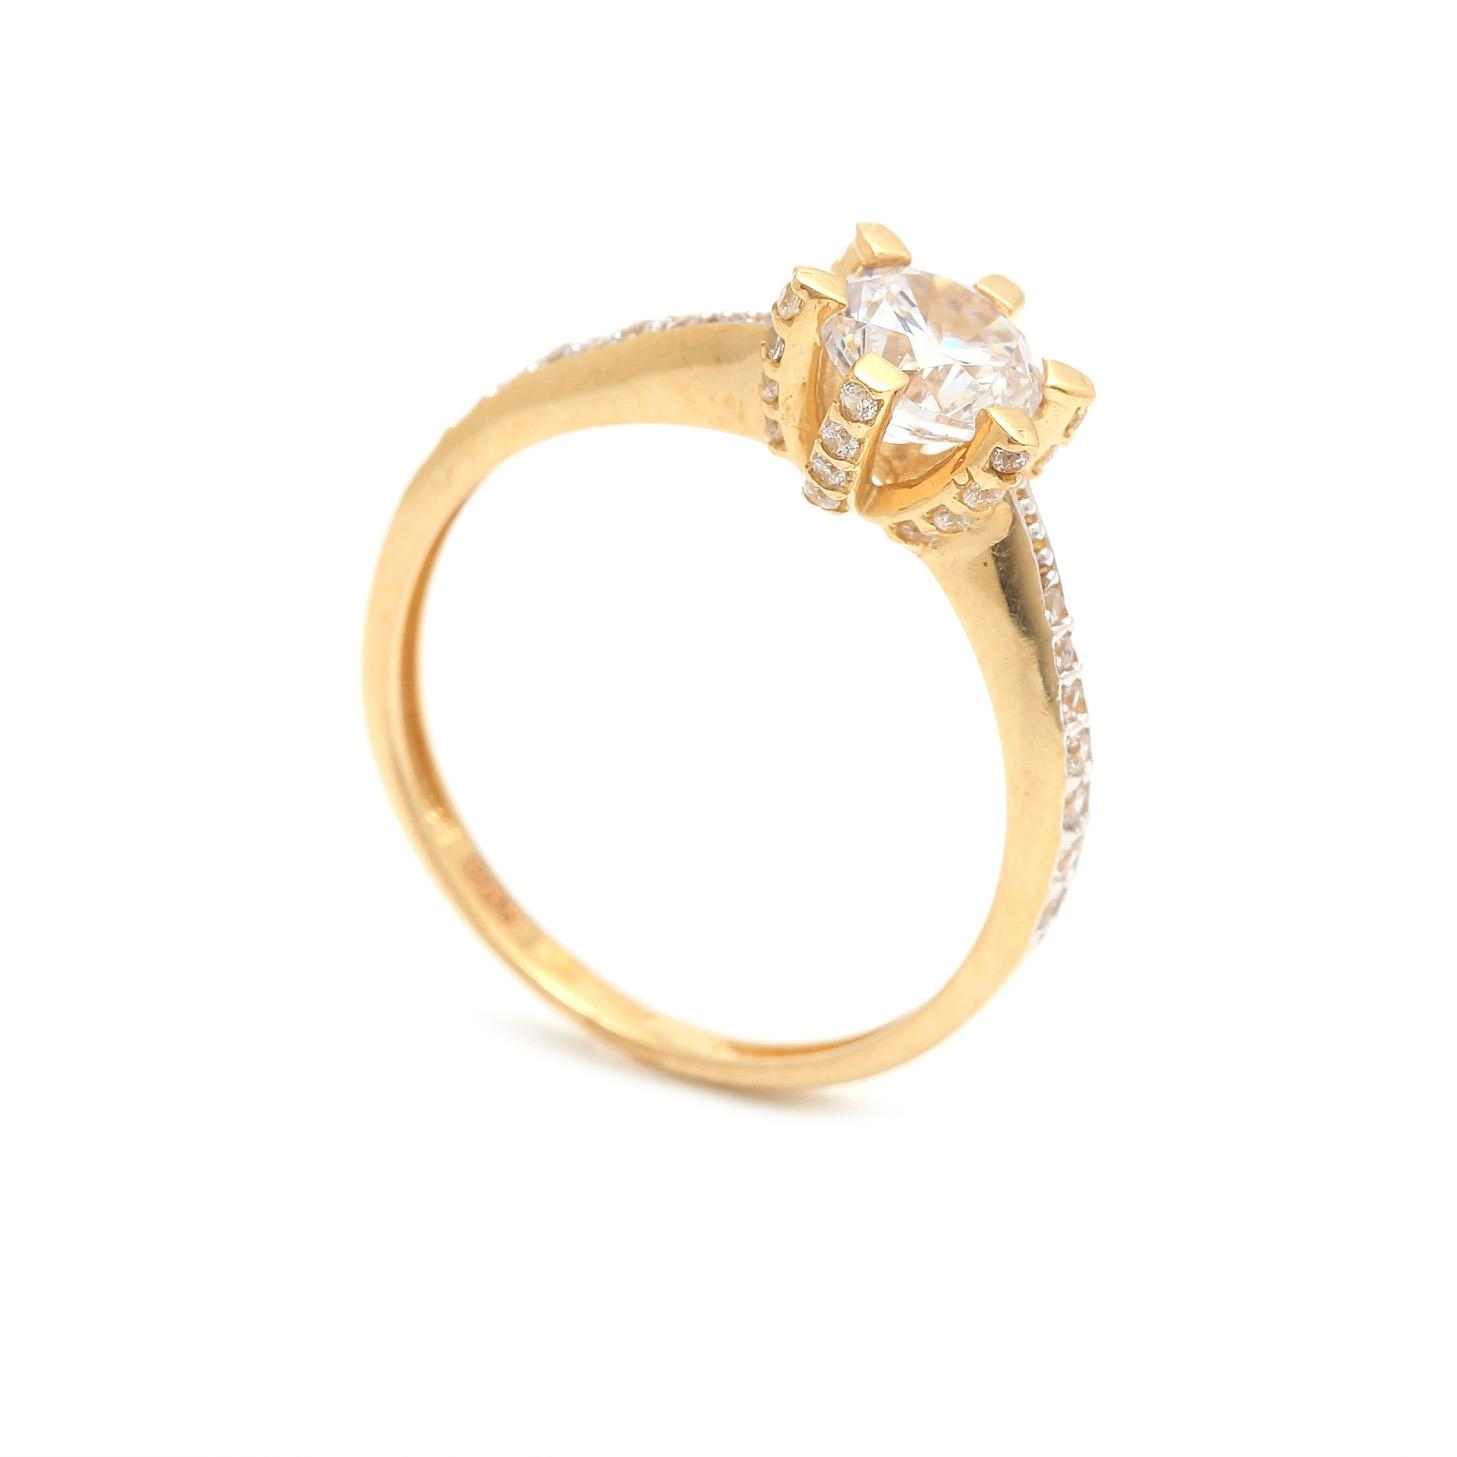 Zásnubný prstienok - prstienok k výročiu svadby - prstienok pri narodení  dieťatka - Zlatý zásnubný prsteň 10199cb04f3